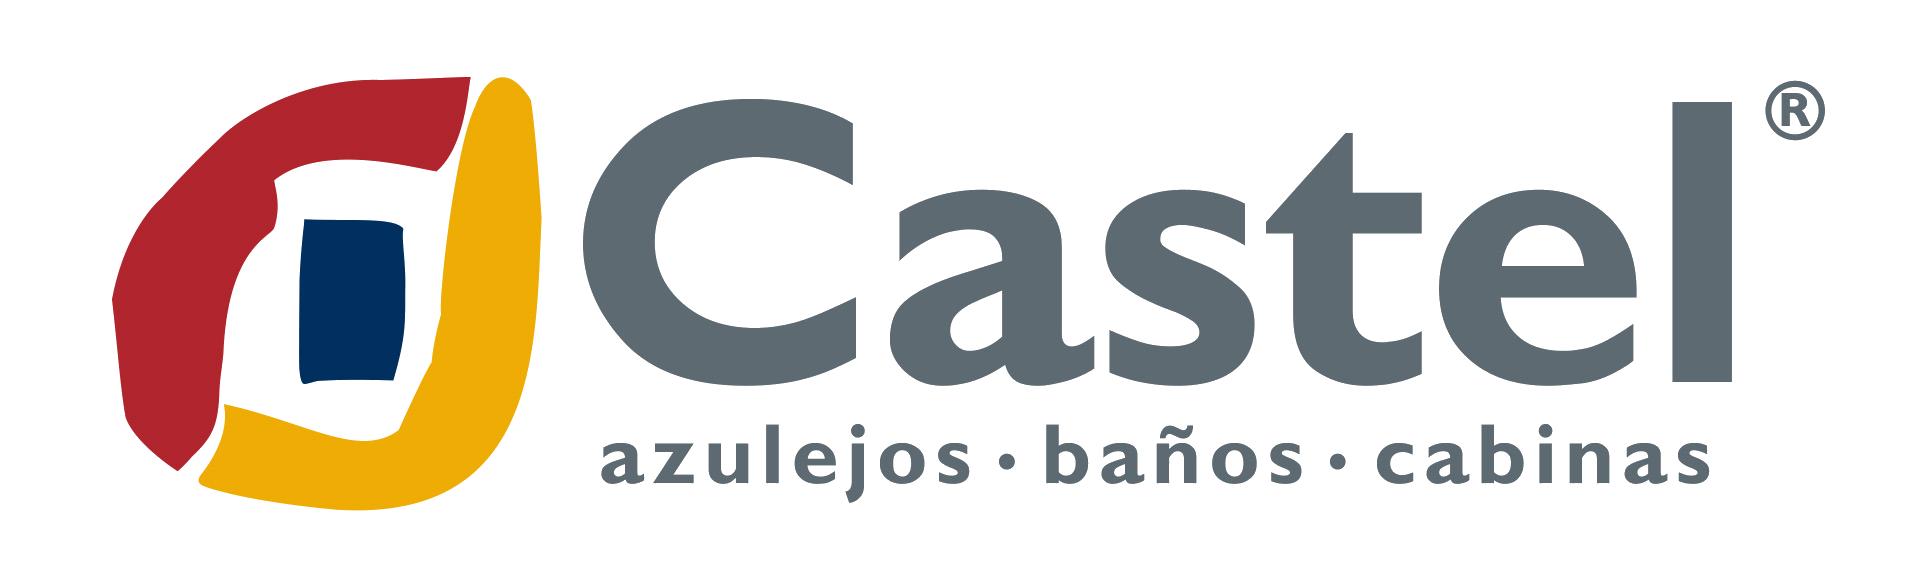 13 castel-logo.png